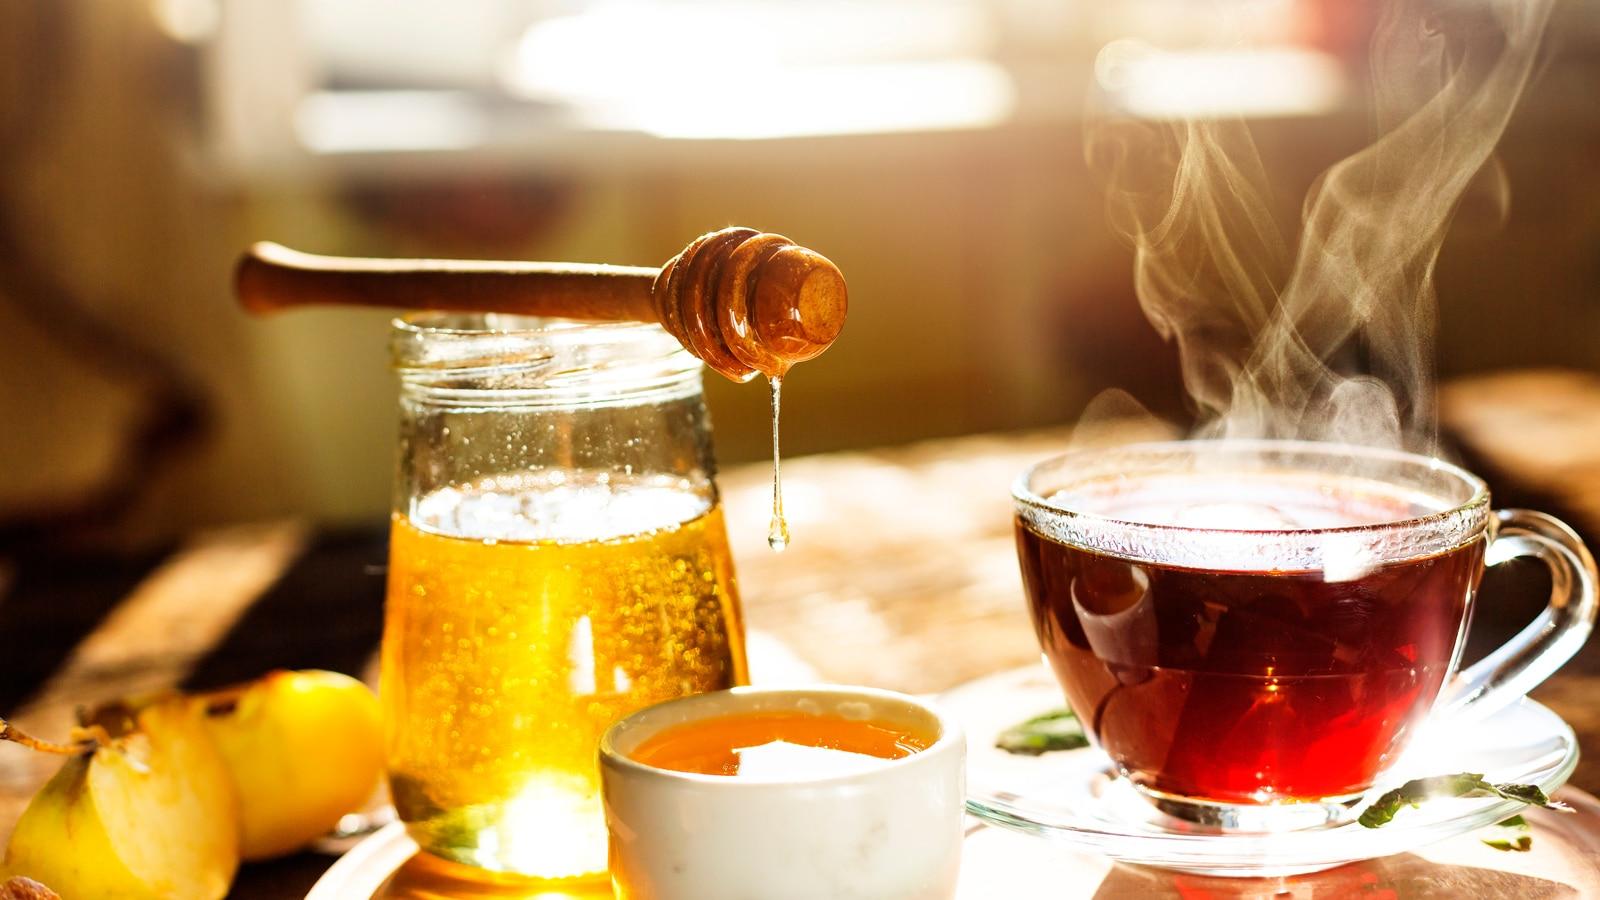 Những tác dụng của nước chanh mật ong đối với sức khỏe